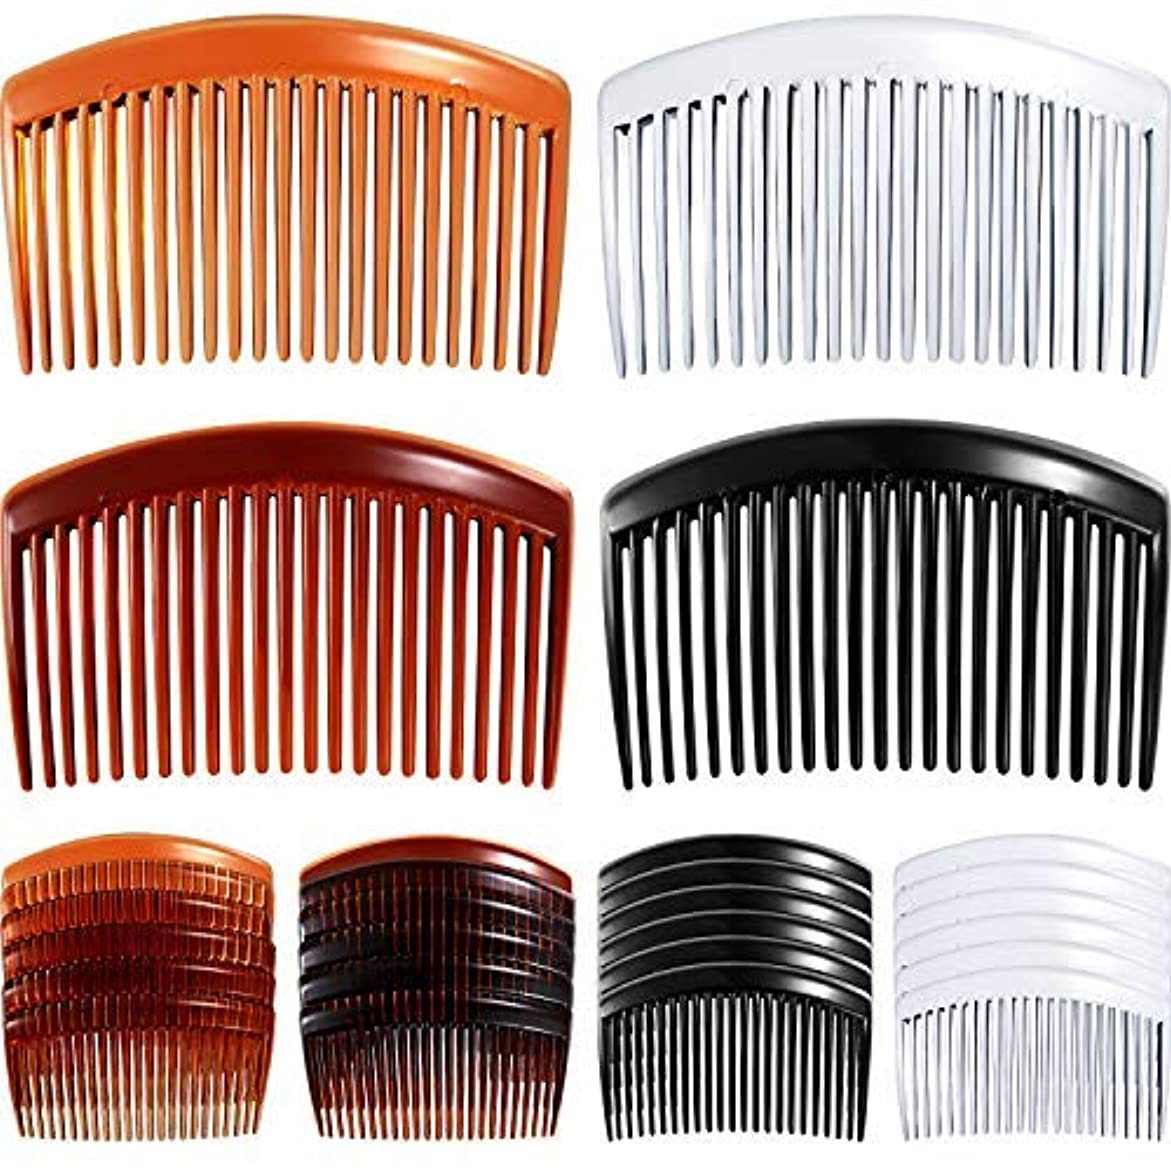 反発責任者愛する24 Pieces Hair Comb Plastic Hair Side Combs Straight Teeth Hair Clip Comb Bridal Wedding Veil Comb for Fine Hair...